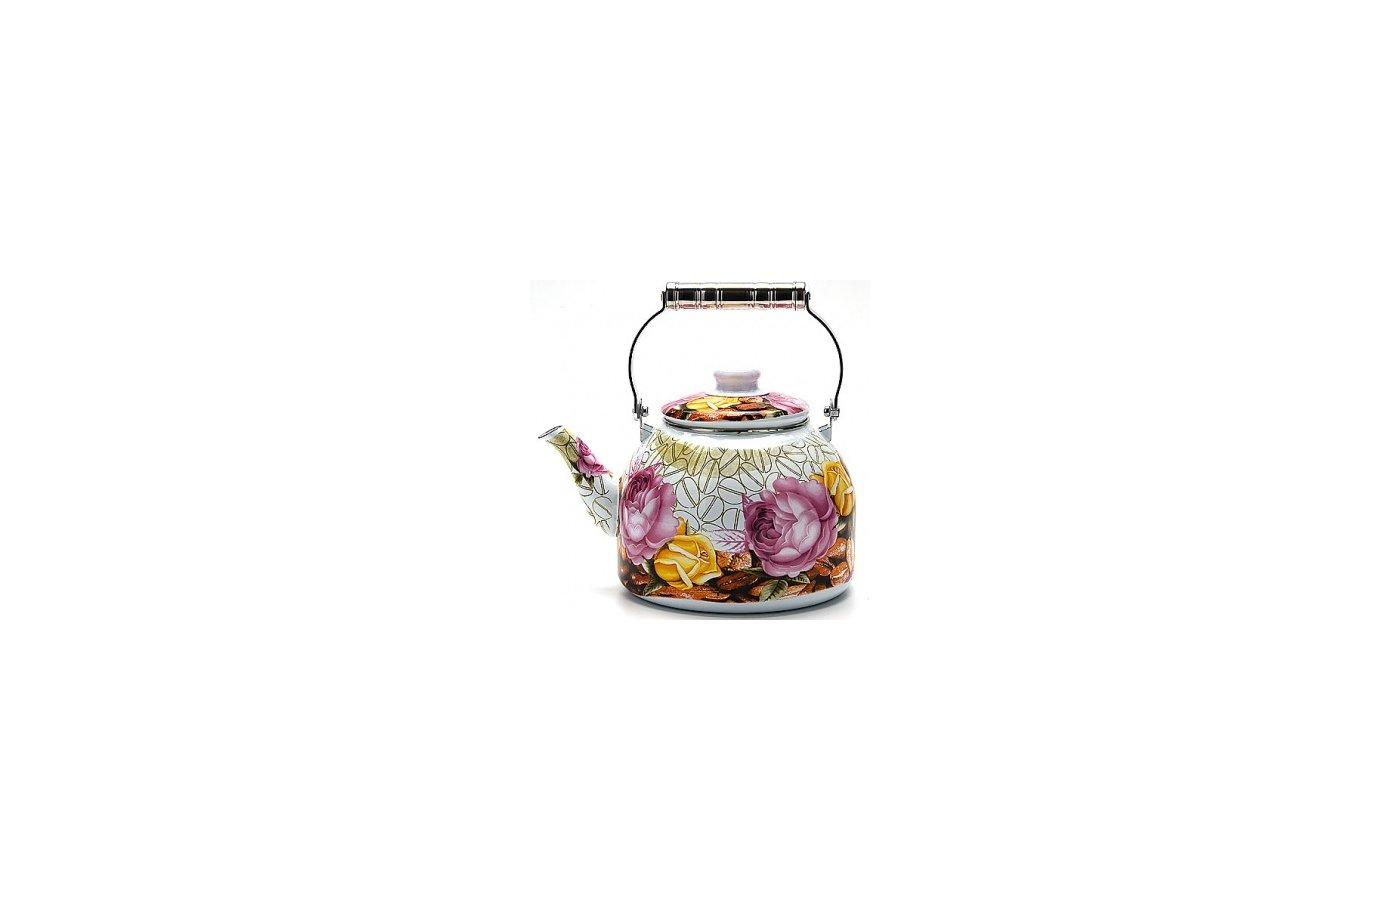 чайник металлический Mayer Boch 23365 ЭМАЛЬ 5л